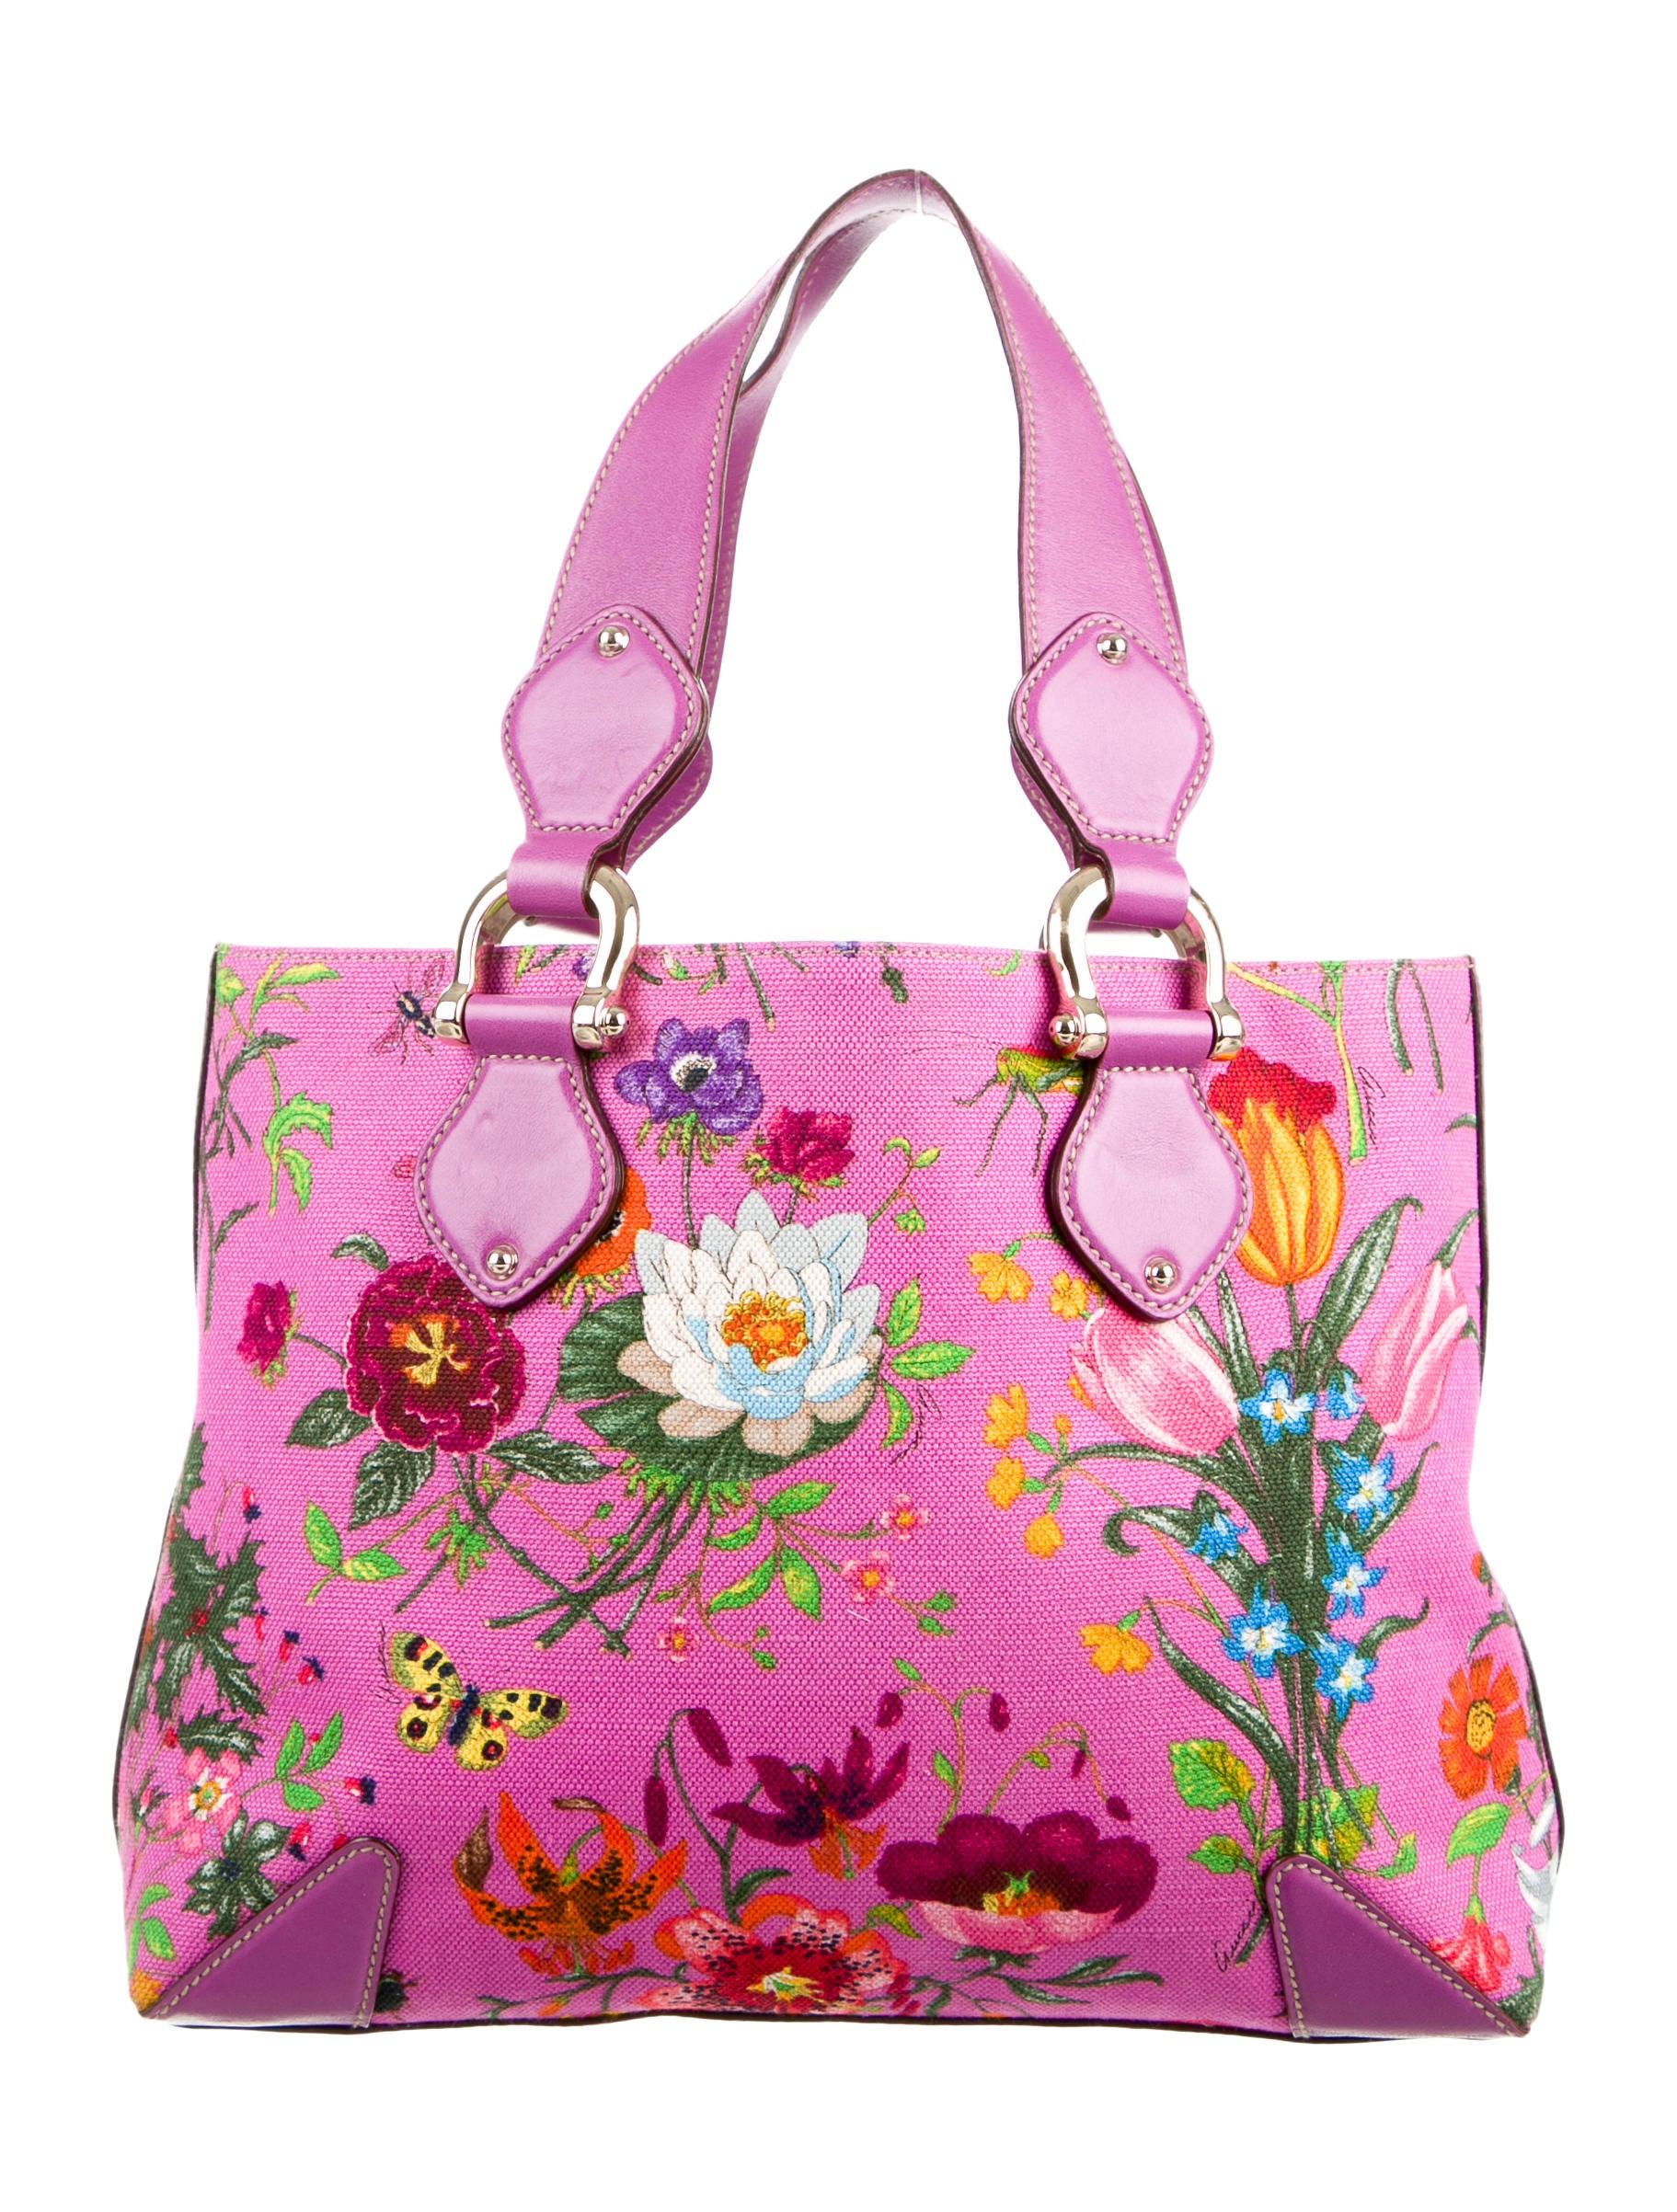 f5ff853f2 Gucci Flora Canvas Tote - Handbags - GUC108507 | The RealReal